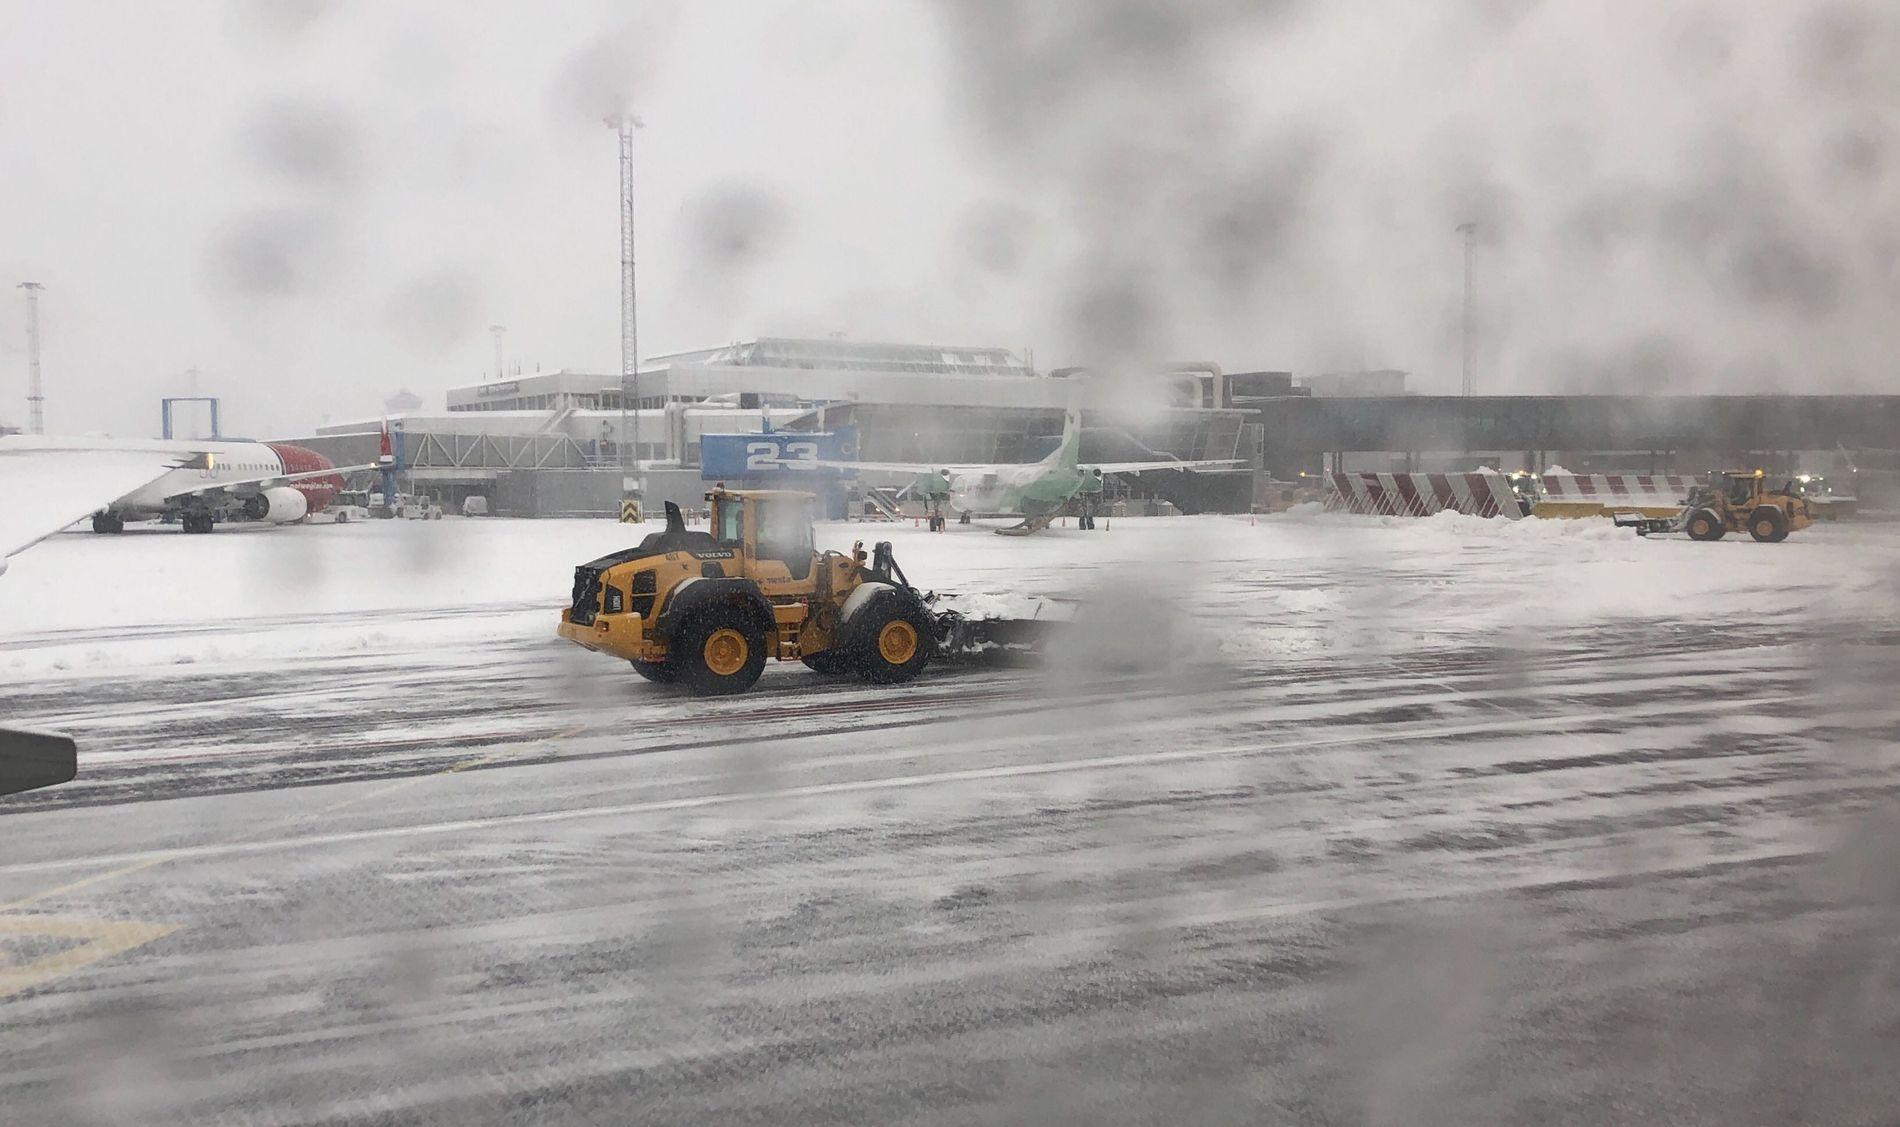 Teknisk feil på avisingsbil mens snøen laver ned på Flesland – en rekke flyavganger er kansellerte